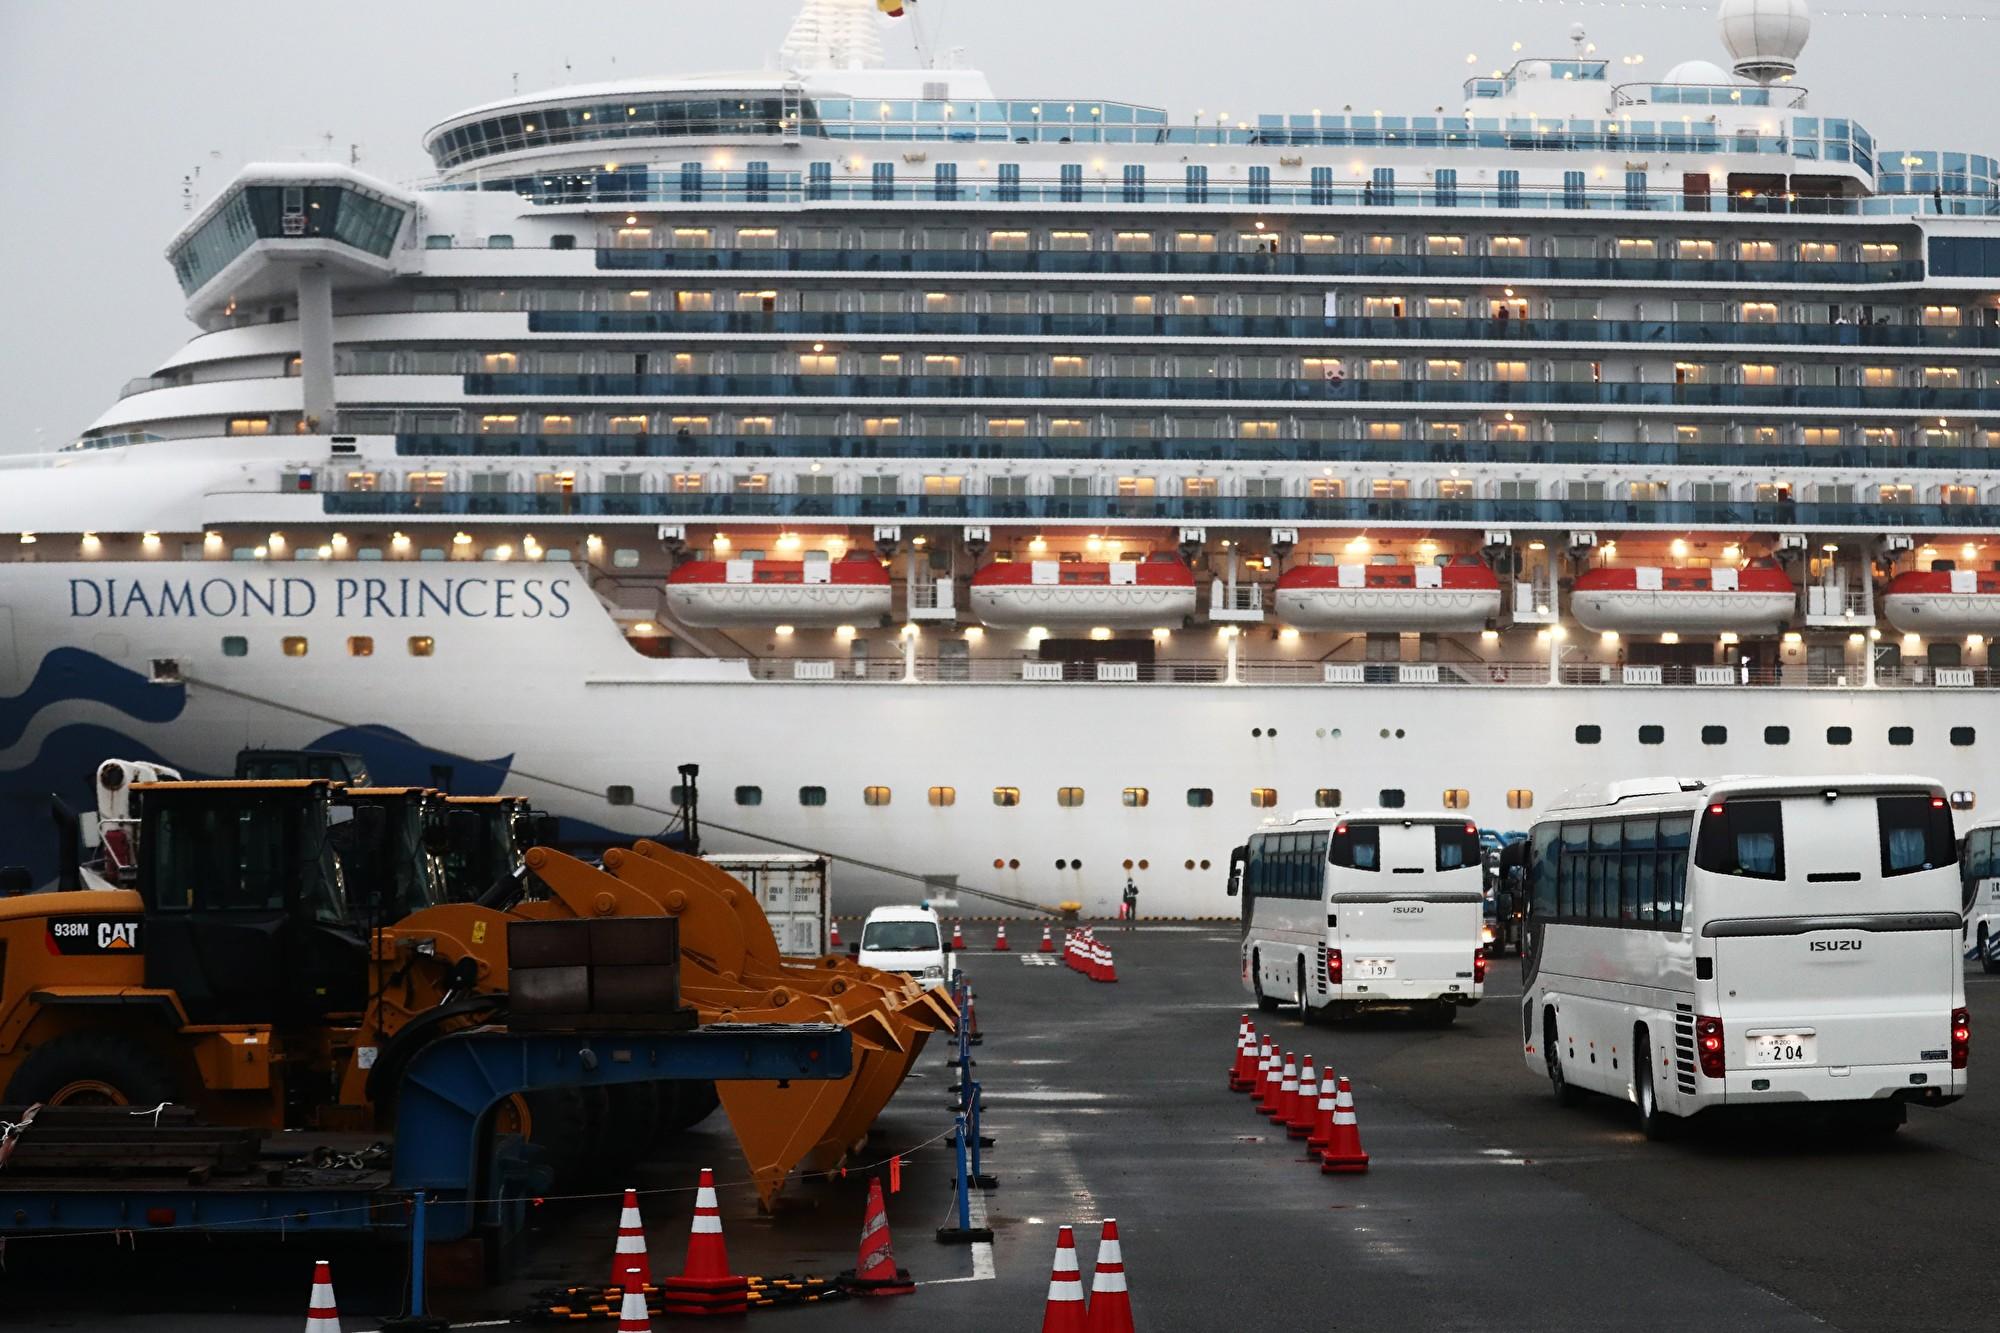 截至2020年2月17日,停泊在橫濱的鑽石公主號郵輪上已經有454例中共肺炎患者。(Behrouz MEHRI/AFP)